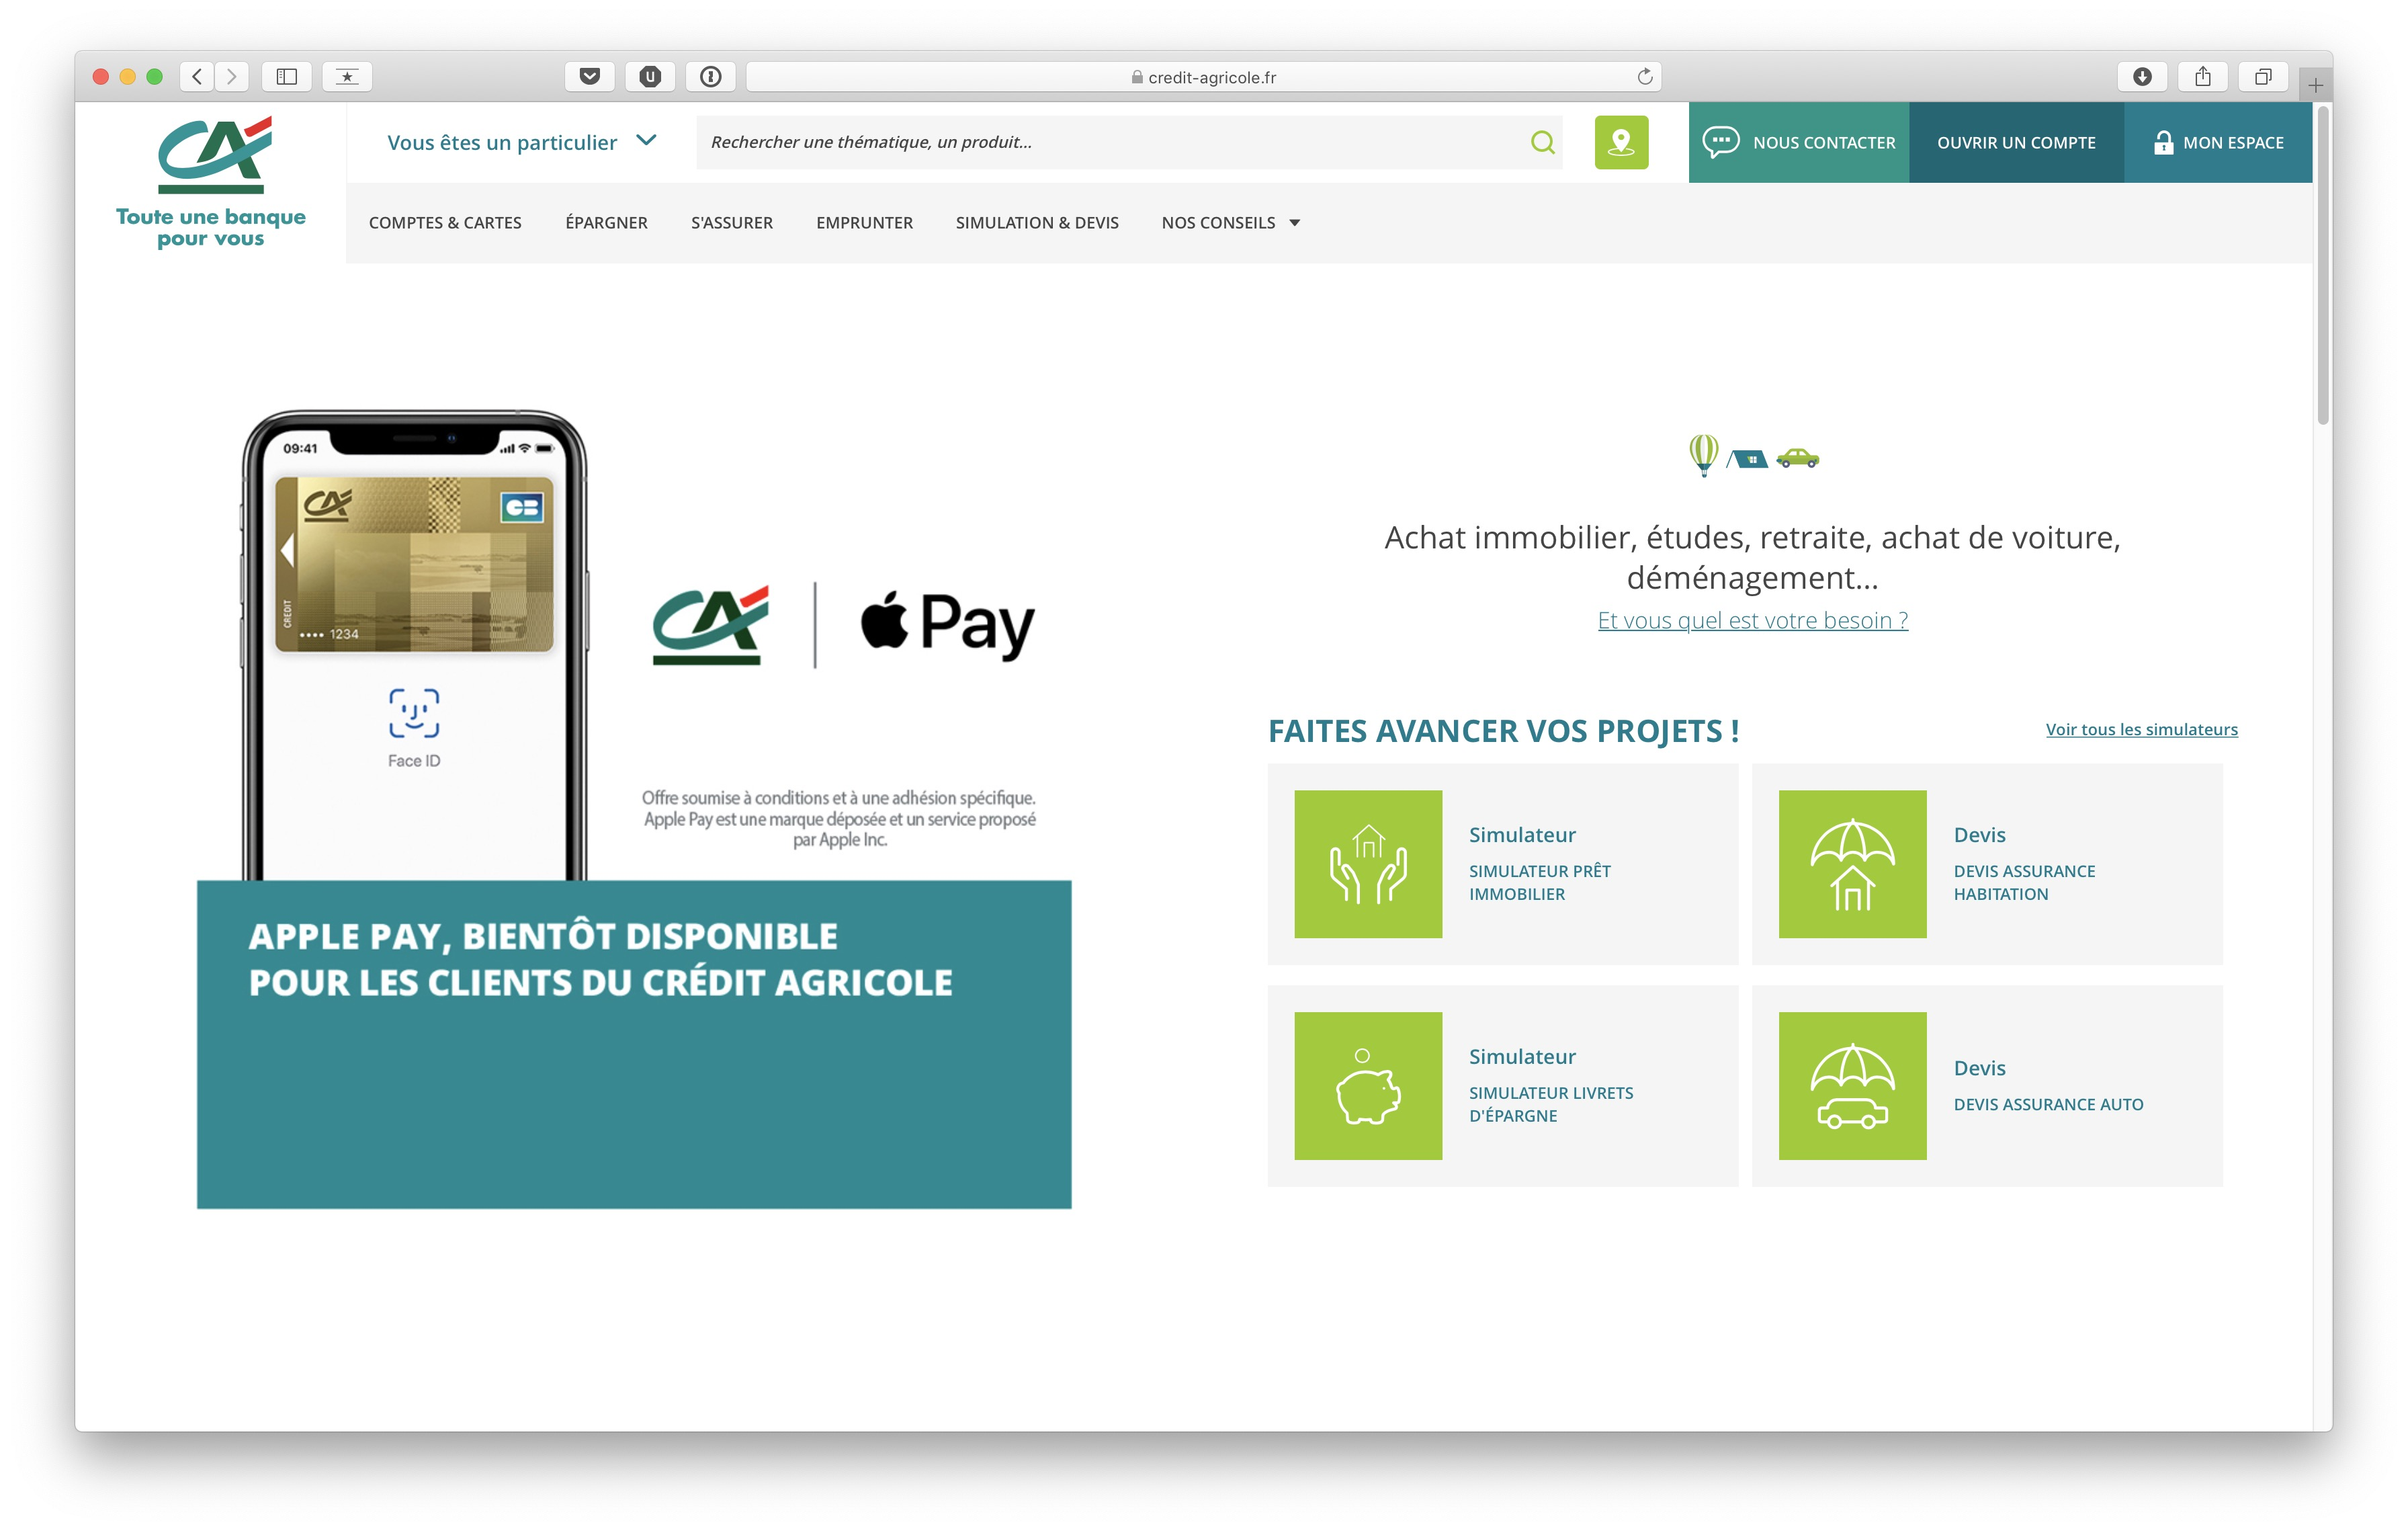 Apple Pay sur Credit Agricole